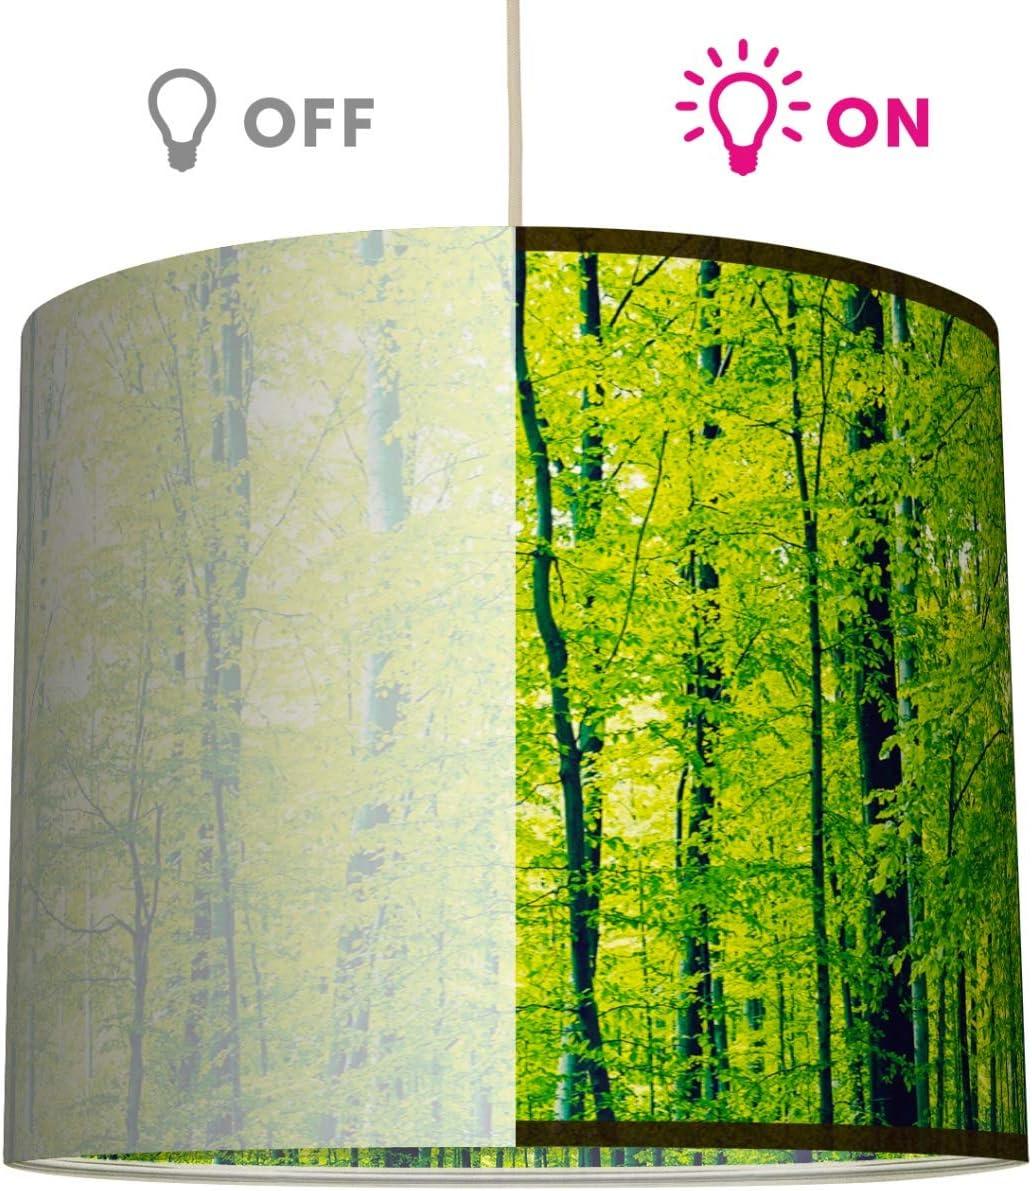 Schirm f/ür Lampen mit Wald-Motiv in Gr/ün anna wand Lampenschirm//H/ängelampe Design GR/ÜNER WALD Sanftes Licht auch f/ür Tischleuchte oder Stehlampe /ø 40 x 34 cm